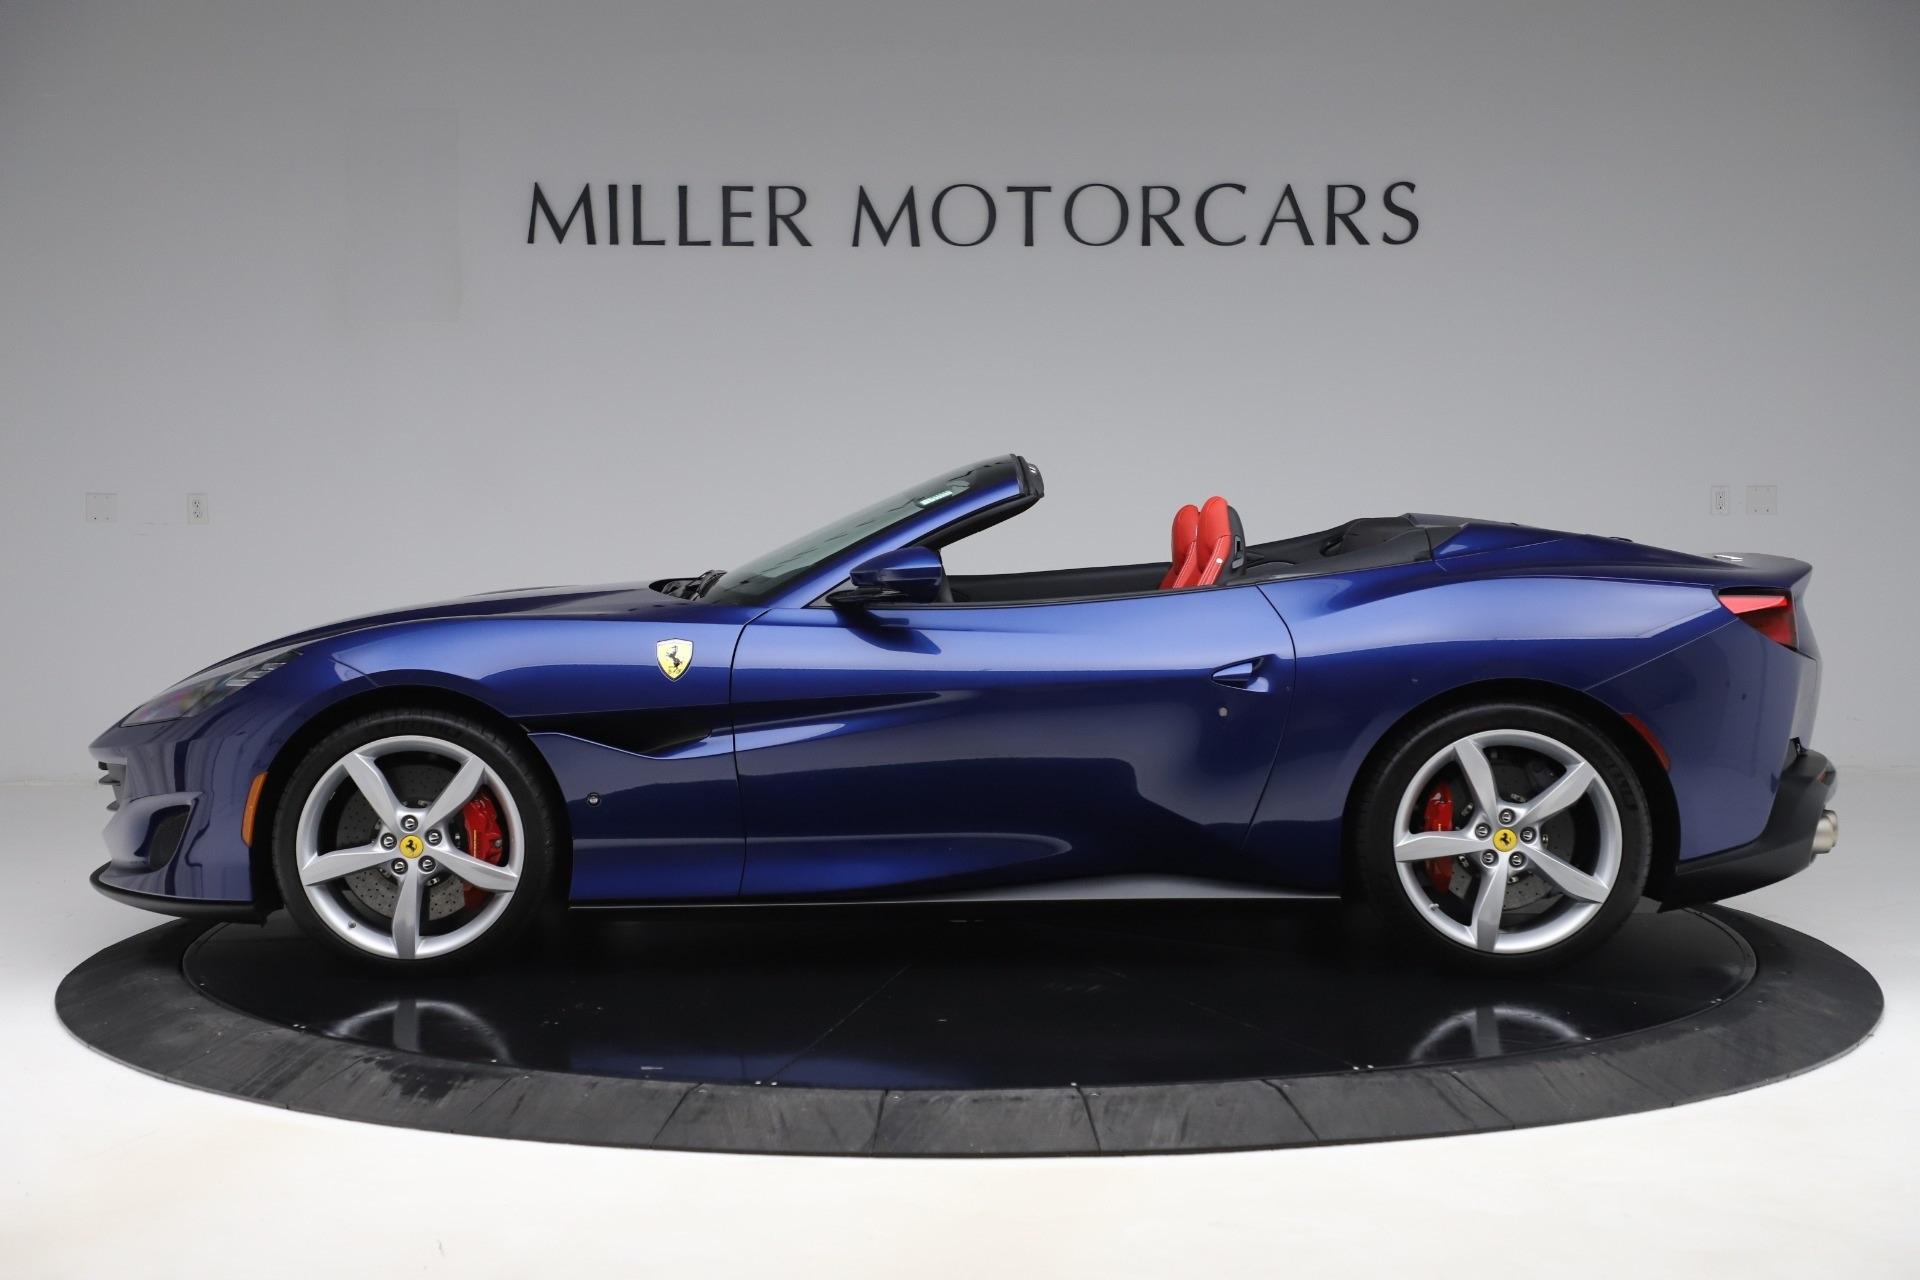 Pre Owned 2019 Ferrari Portofino For Sale Special Pricing Mclaren Greenwich Stock 4617